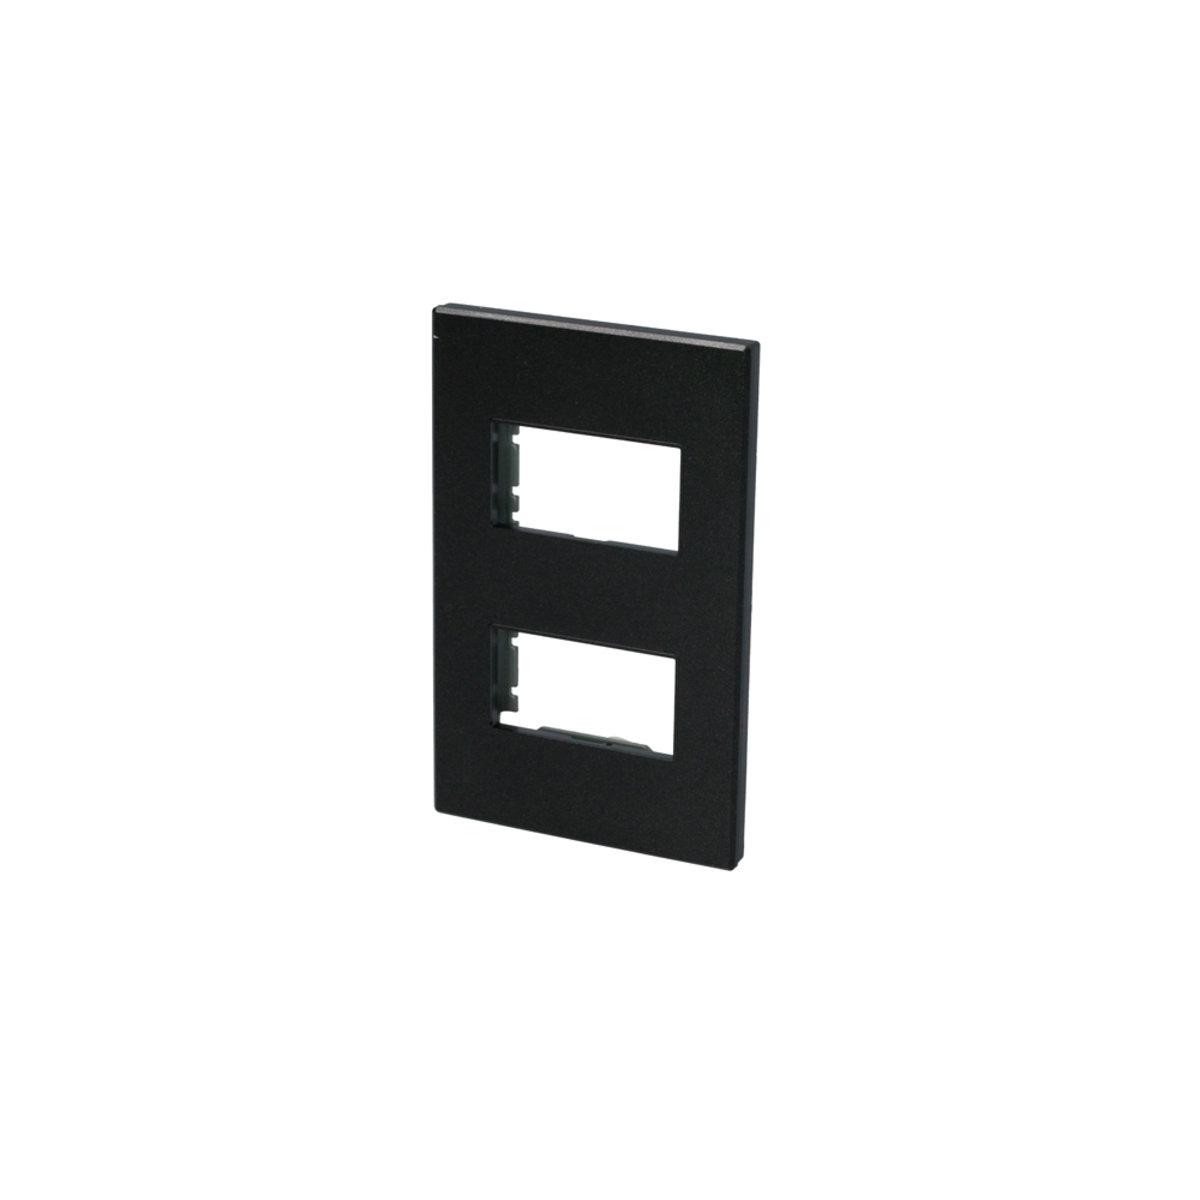 Placa para Apagador 2 Módulos Negro 1/2 P602N Surtek